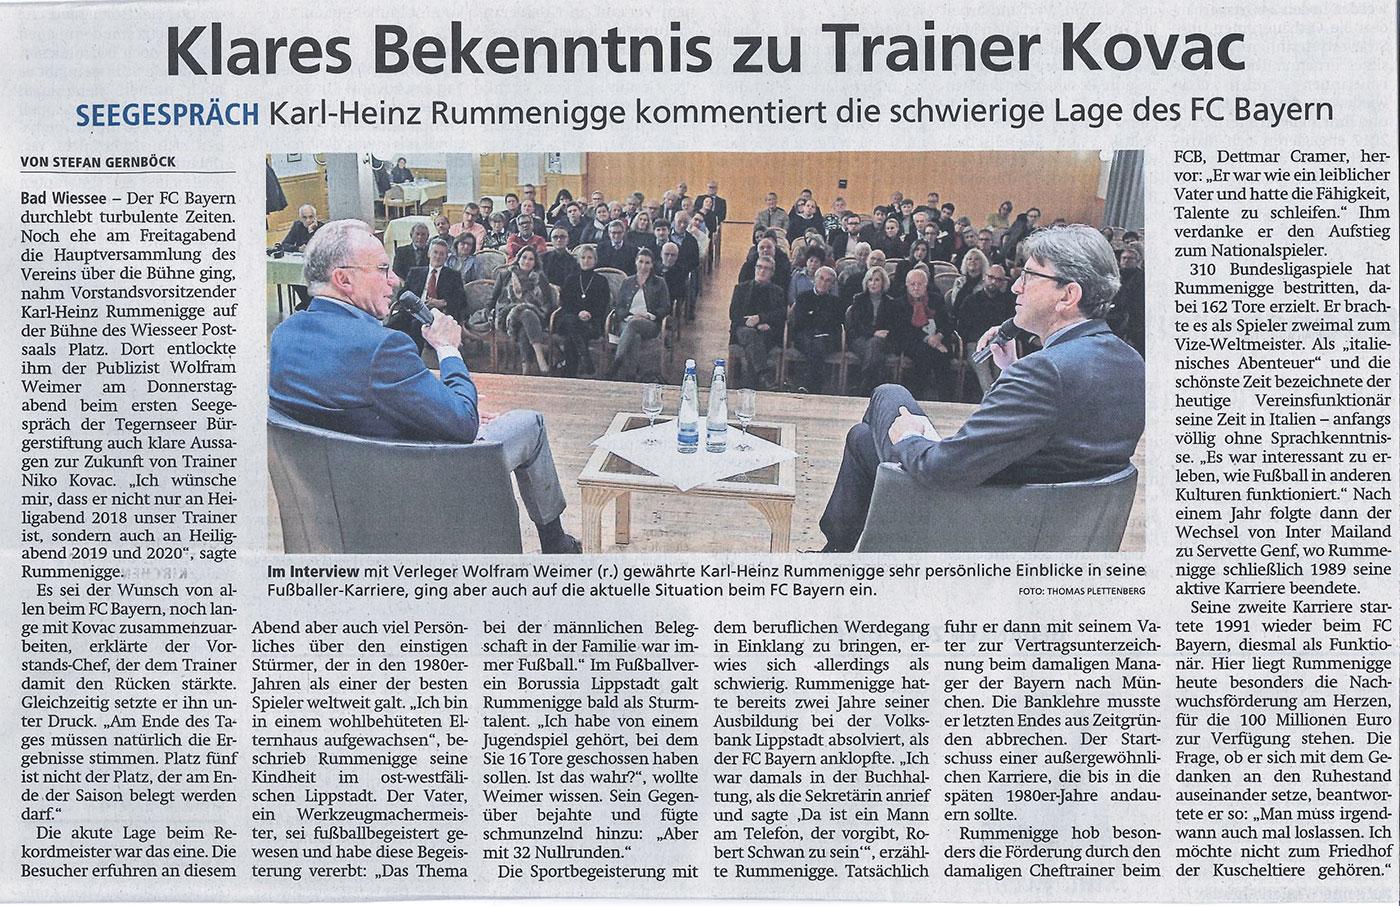 Beitrag in der Tegernseer Zeitung vom 1.12.2018: Klares Bekenntnis zu Trainer Kovac